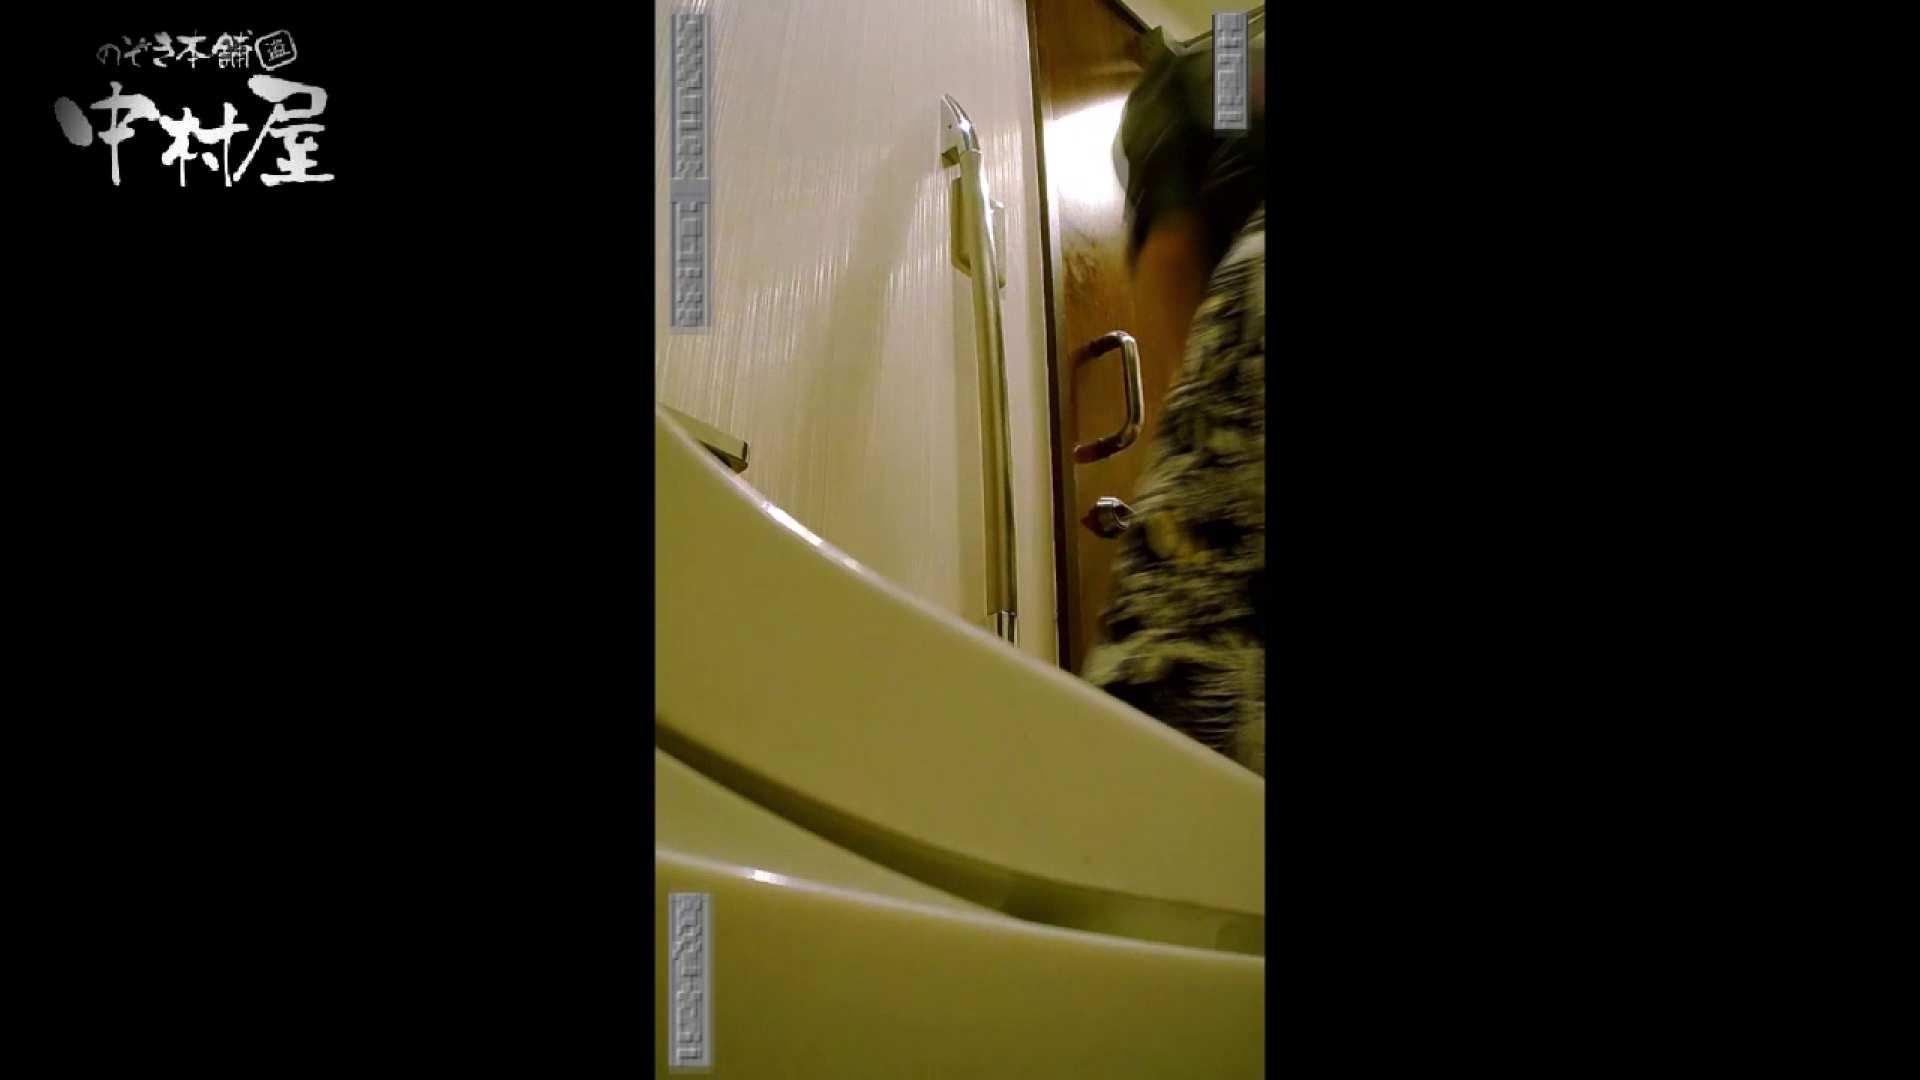 高画質トイレ盗撮vol.13 高画質 覗きおまんこ画像 94pic 4